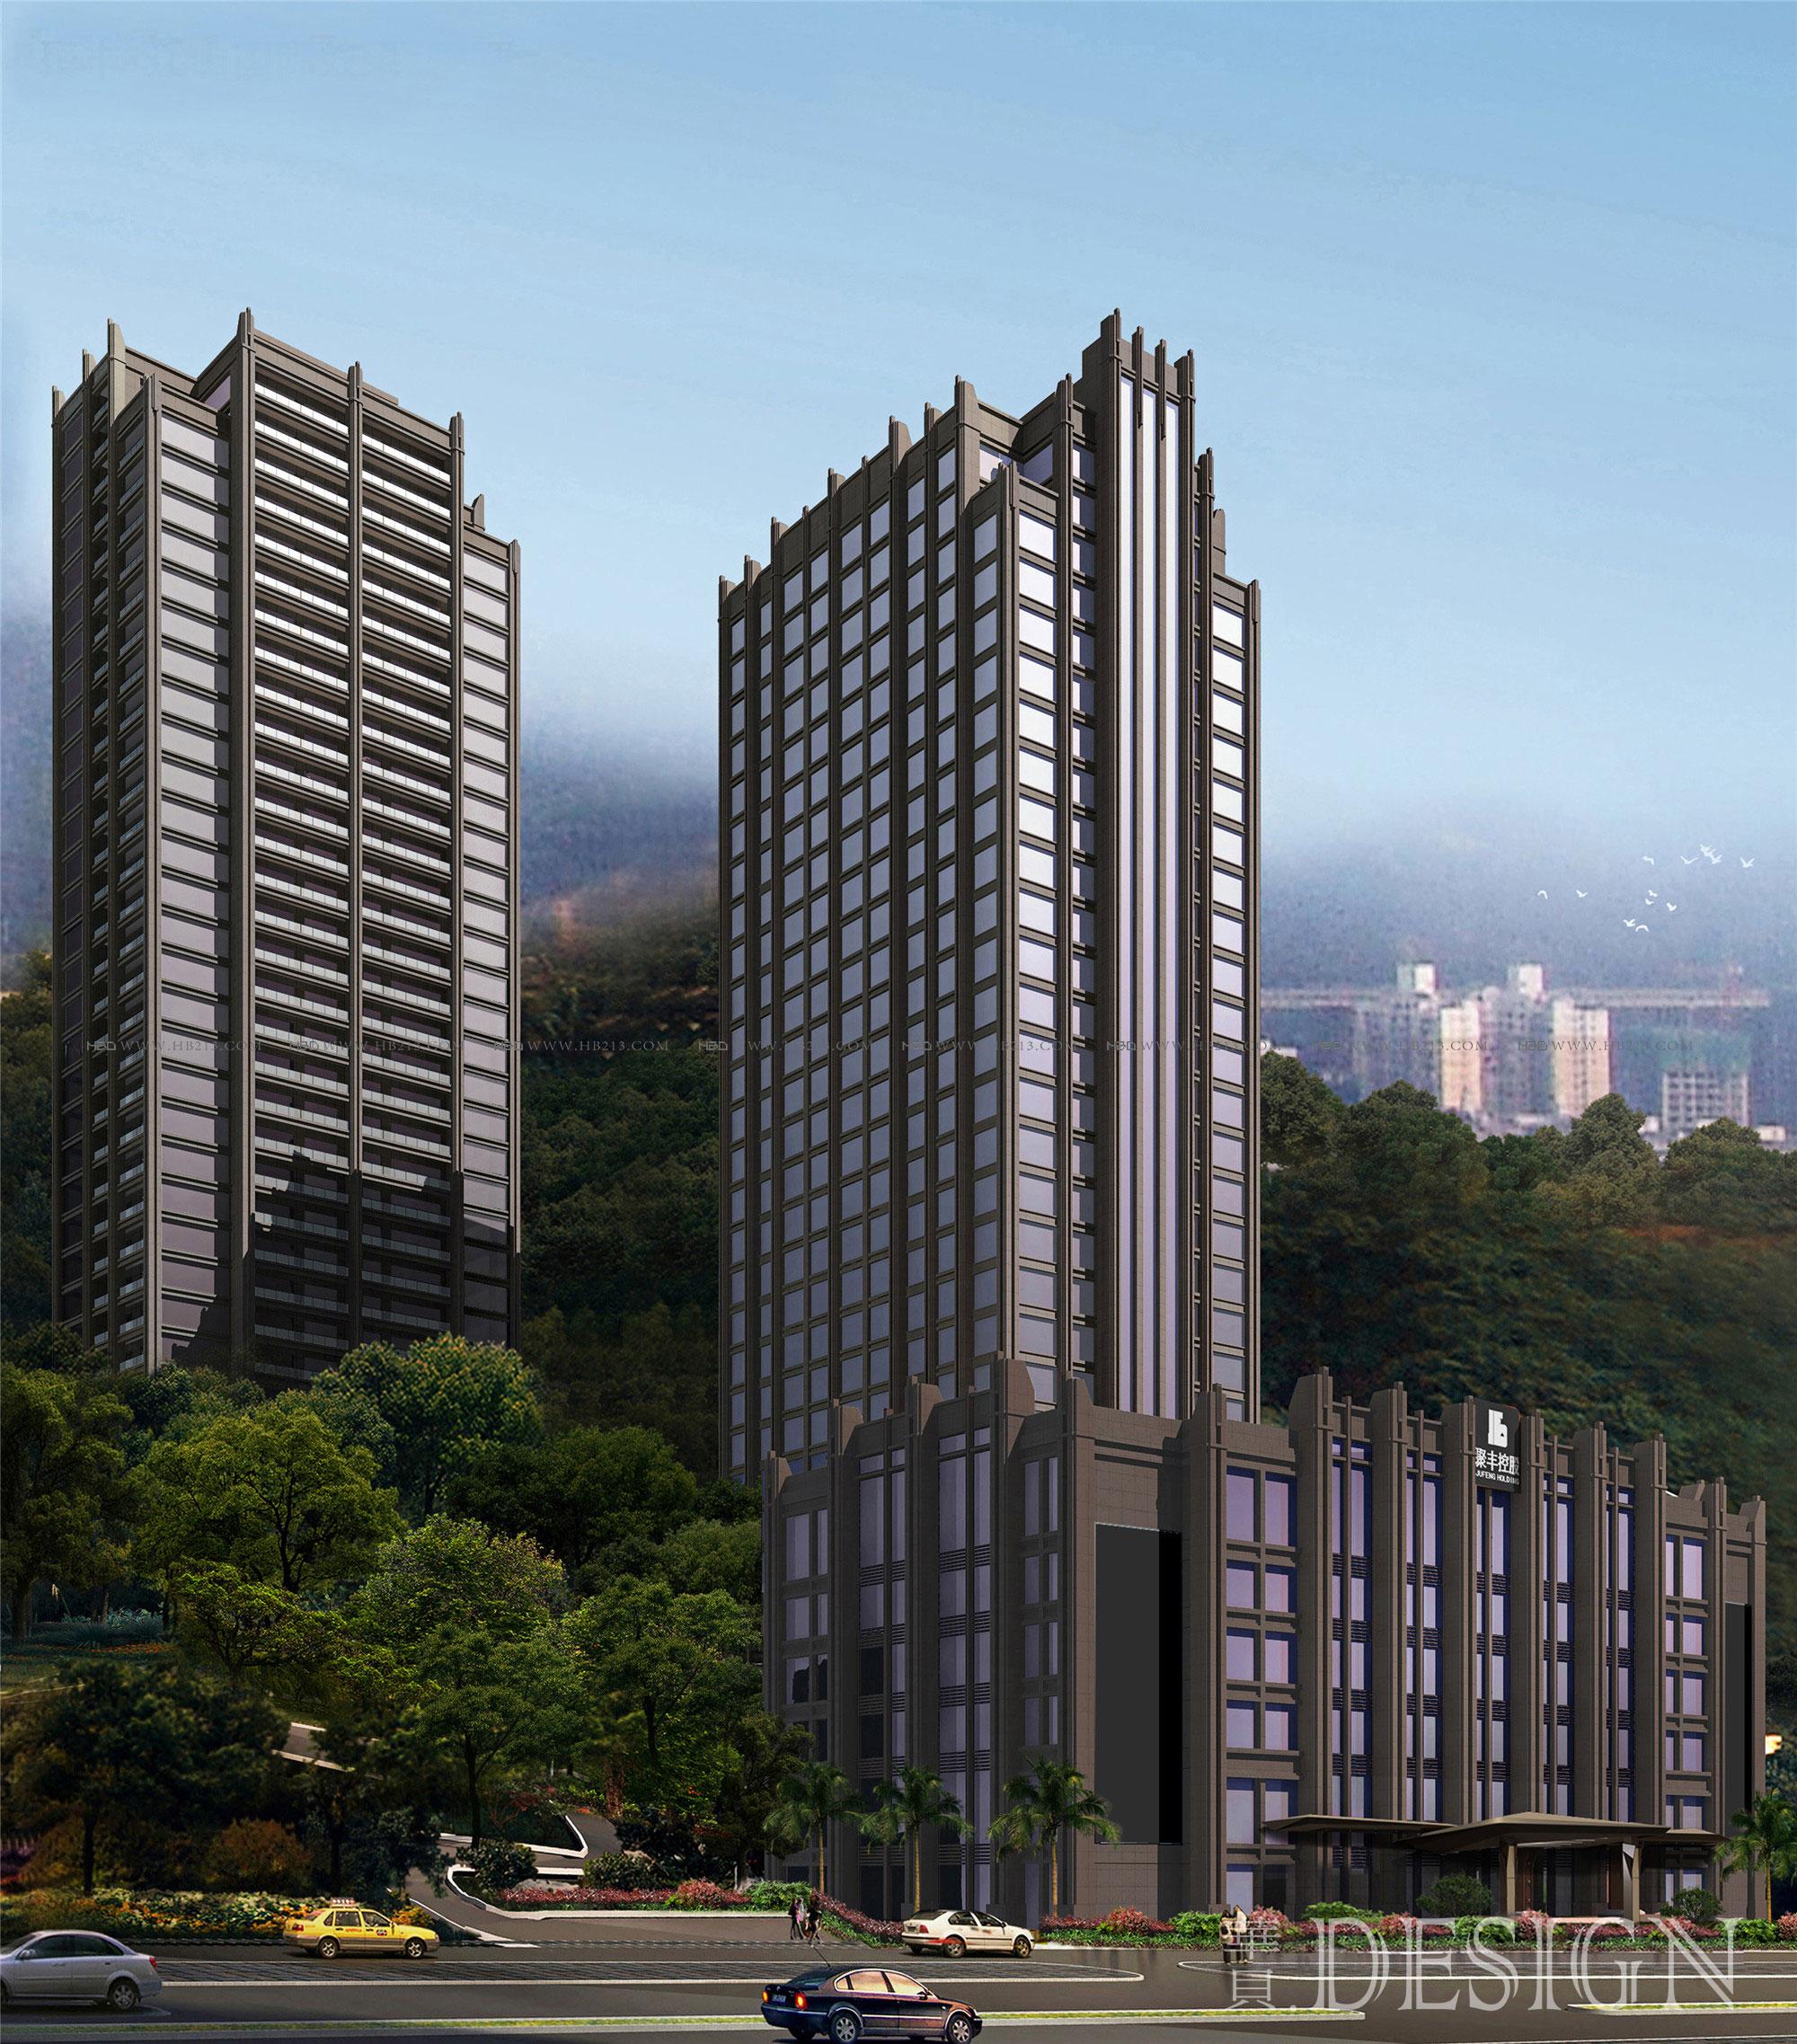 办公楼设计,办公室设计,室内空间设计,HBD,室内装修设计,建筑外观设计,建筑设计公司